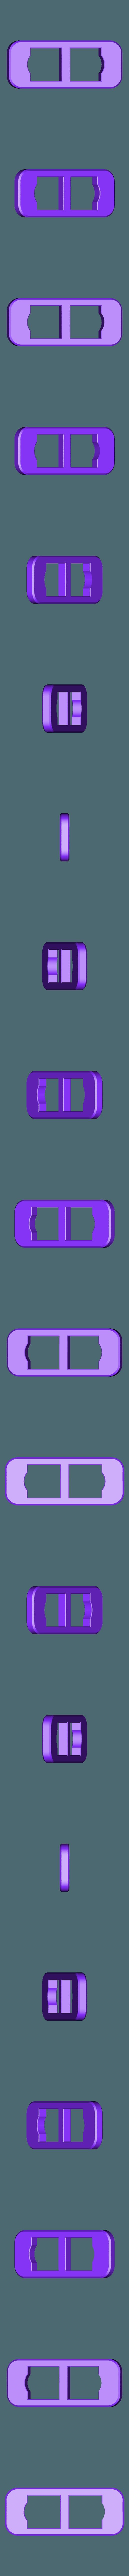 FFCP_Nozzle_Tool.STL Télécharger fichier STL gratuit Outil de buse FFCP • Design pour impression 3D, marklandsaat